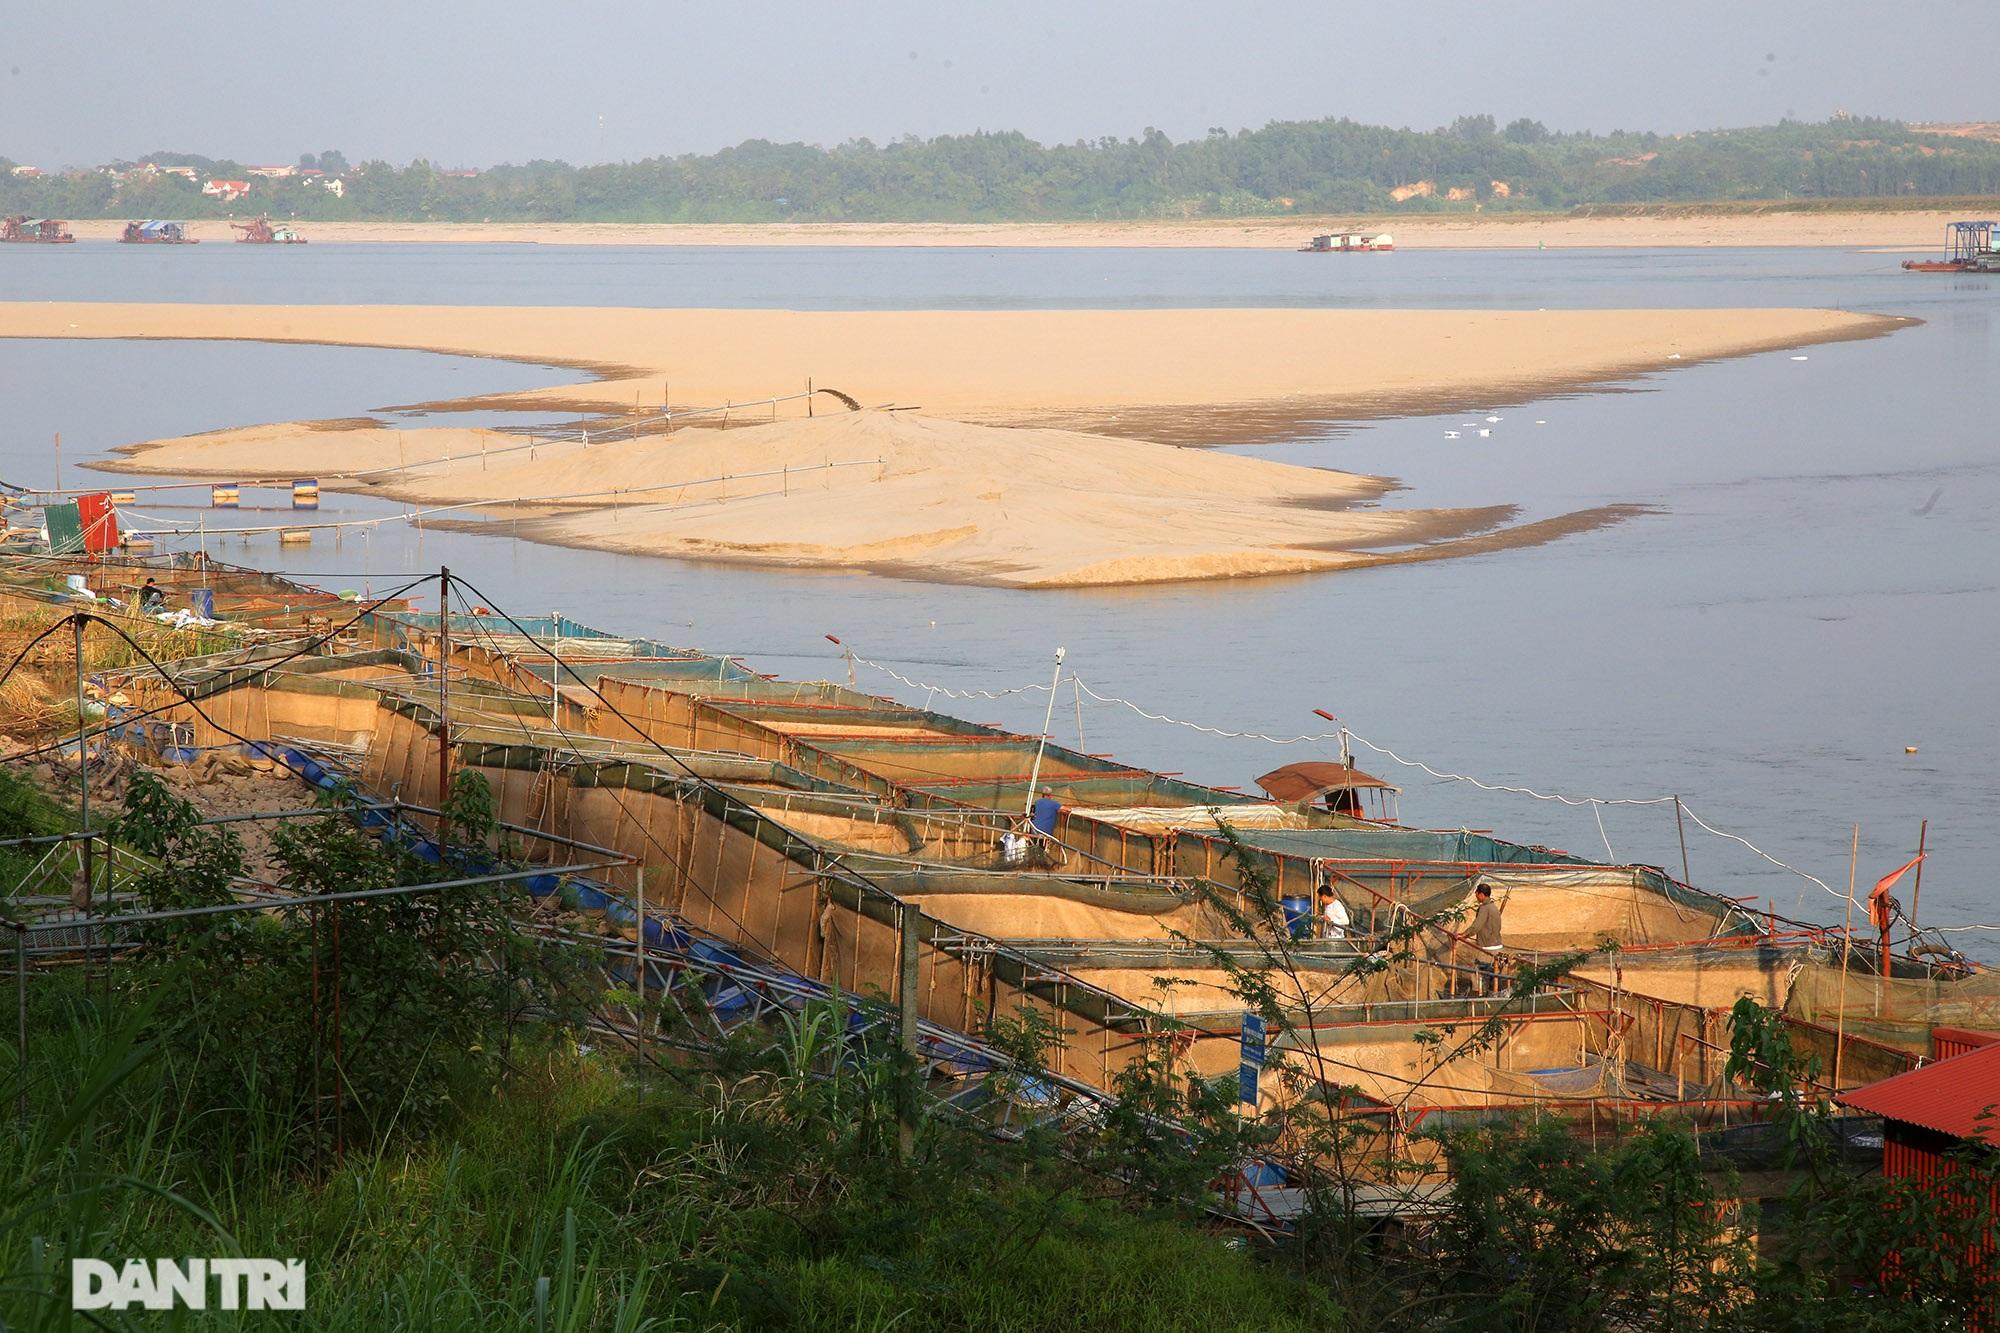 Sông Đà cạn trơ đáy, nông dân hối hả bơm cát cứu cá - 1